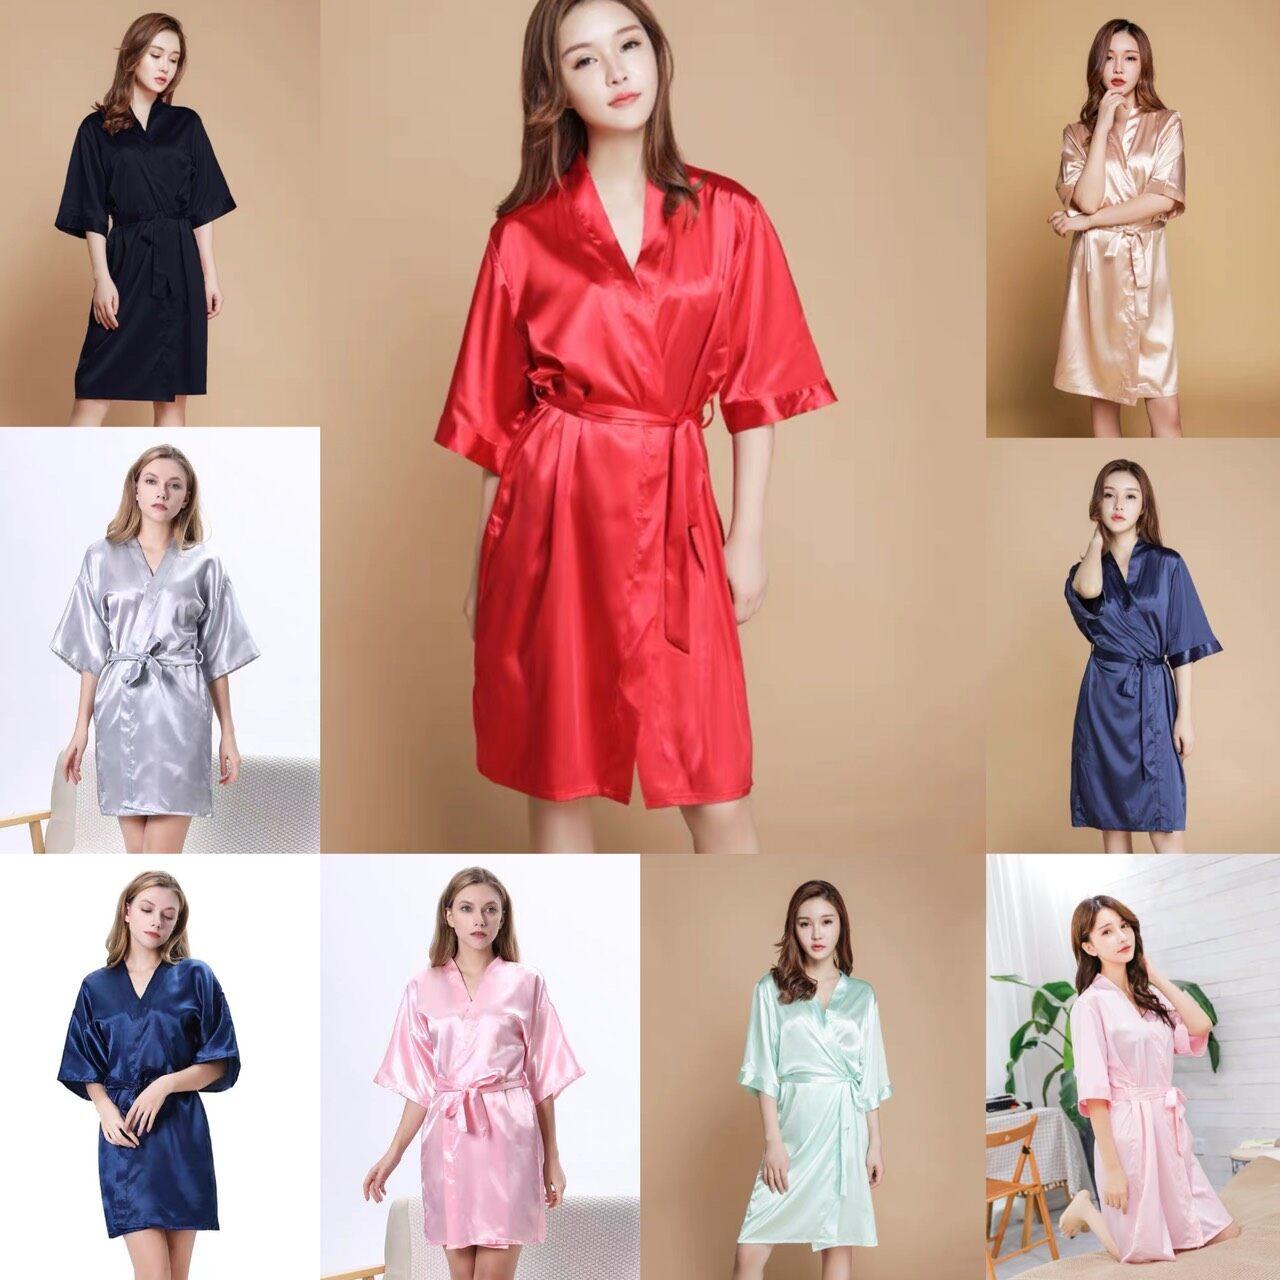 Cj-ชุดคลุมสาวๆ เเขนสั้น ผ้าซาติน งานสวย 10สี ฟรีไซส์ รุ่นcj-1805.